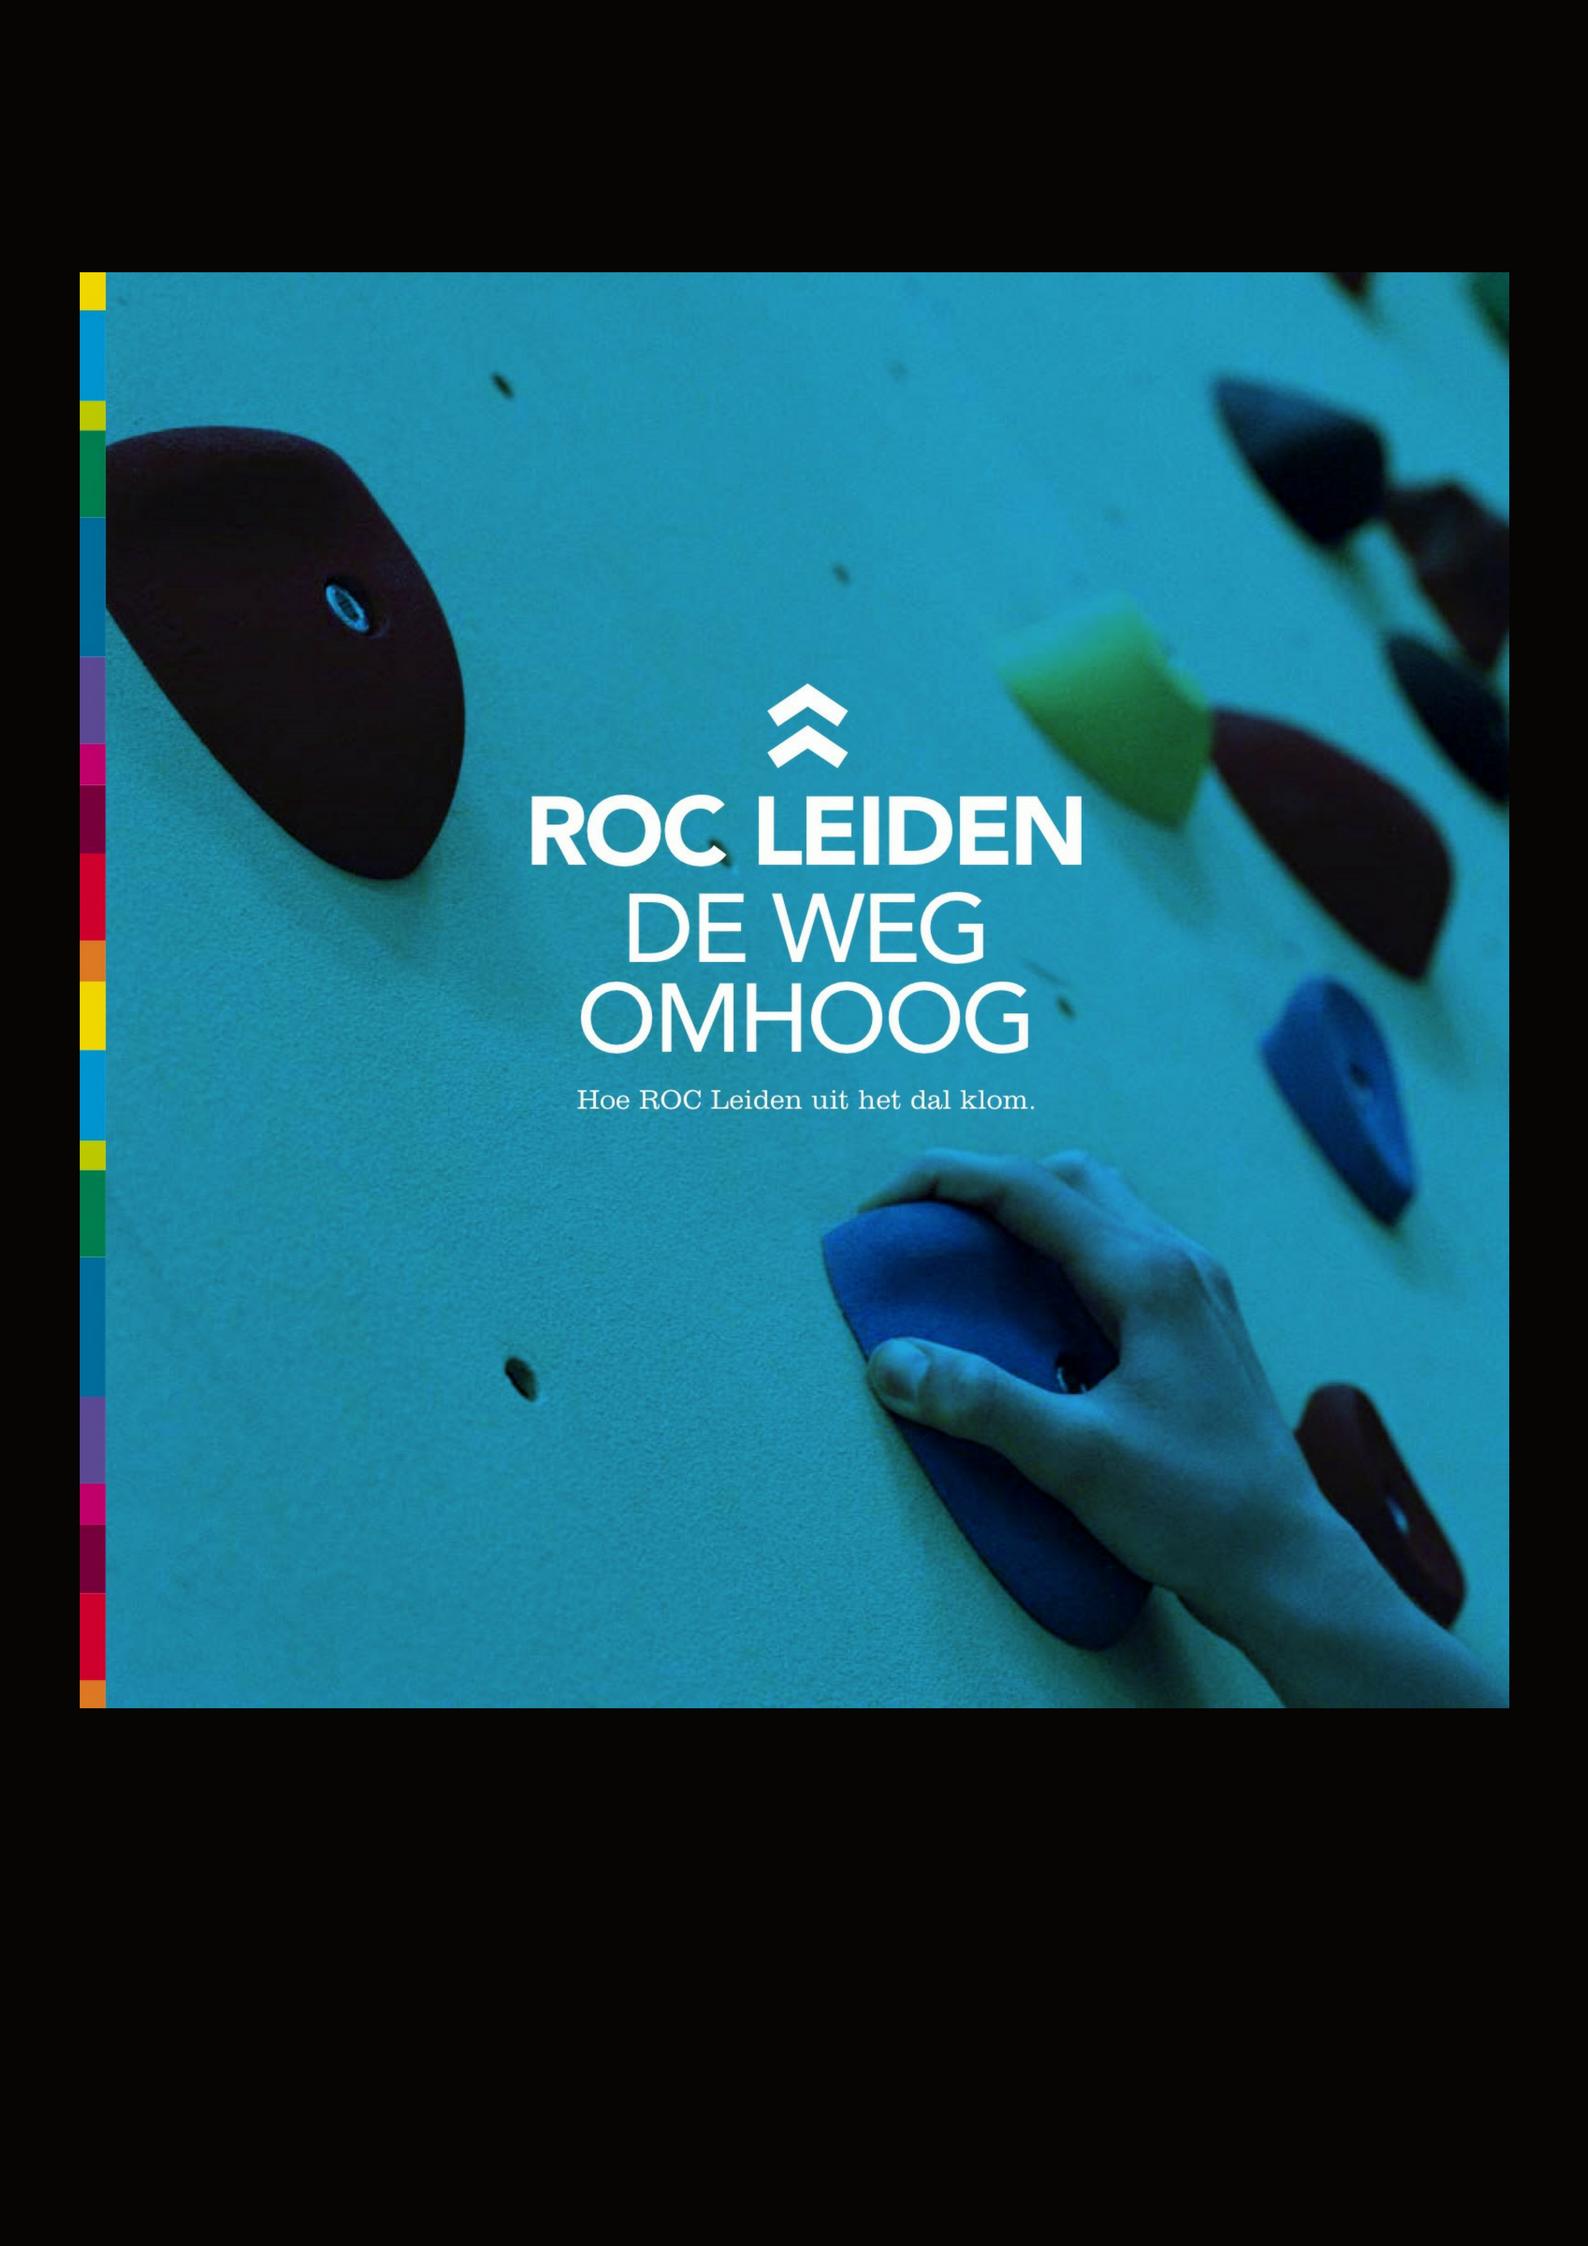 ROC Leiden